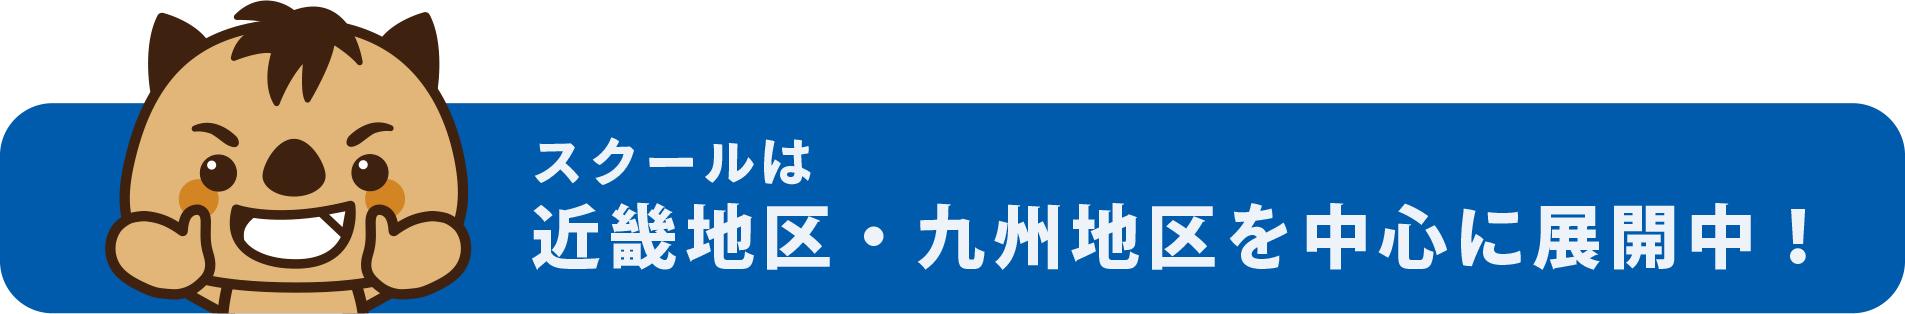 スクールは近畿地区・九州地区を中心に展開中